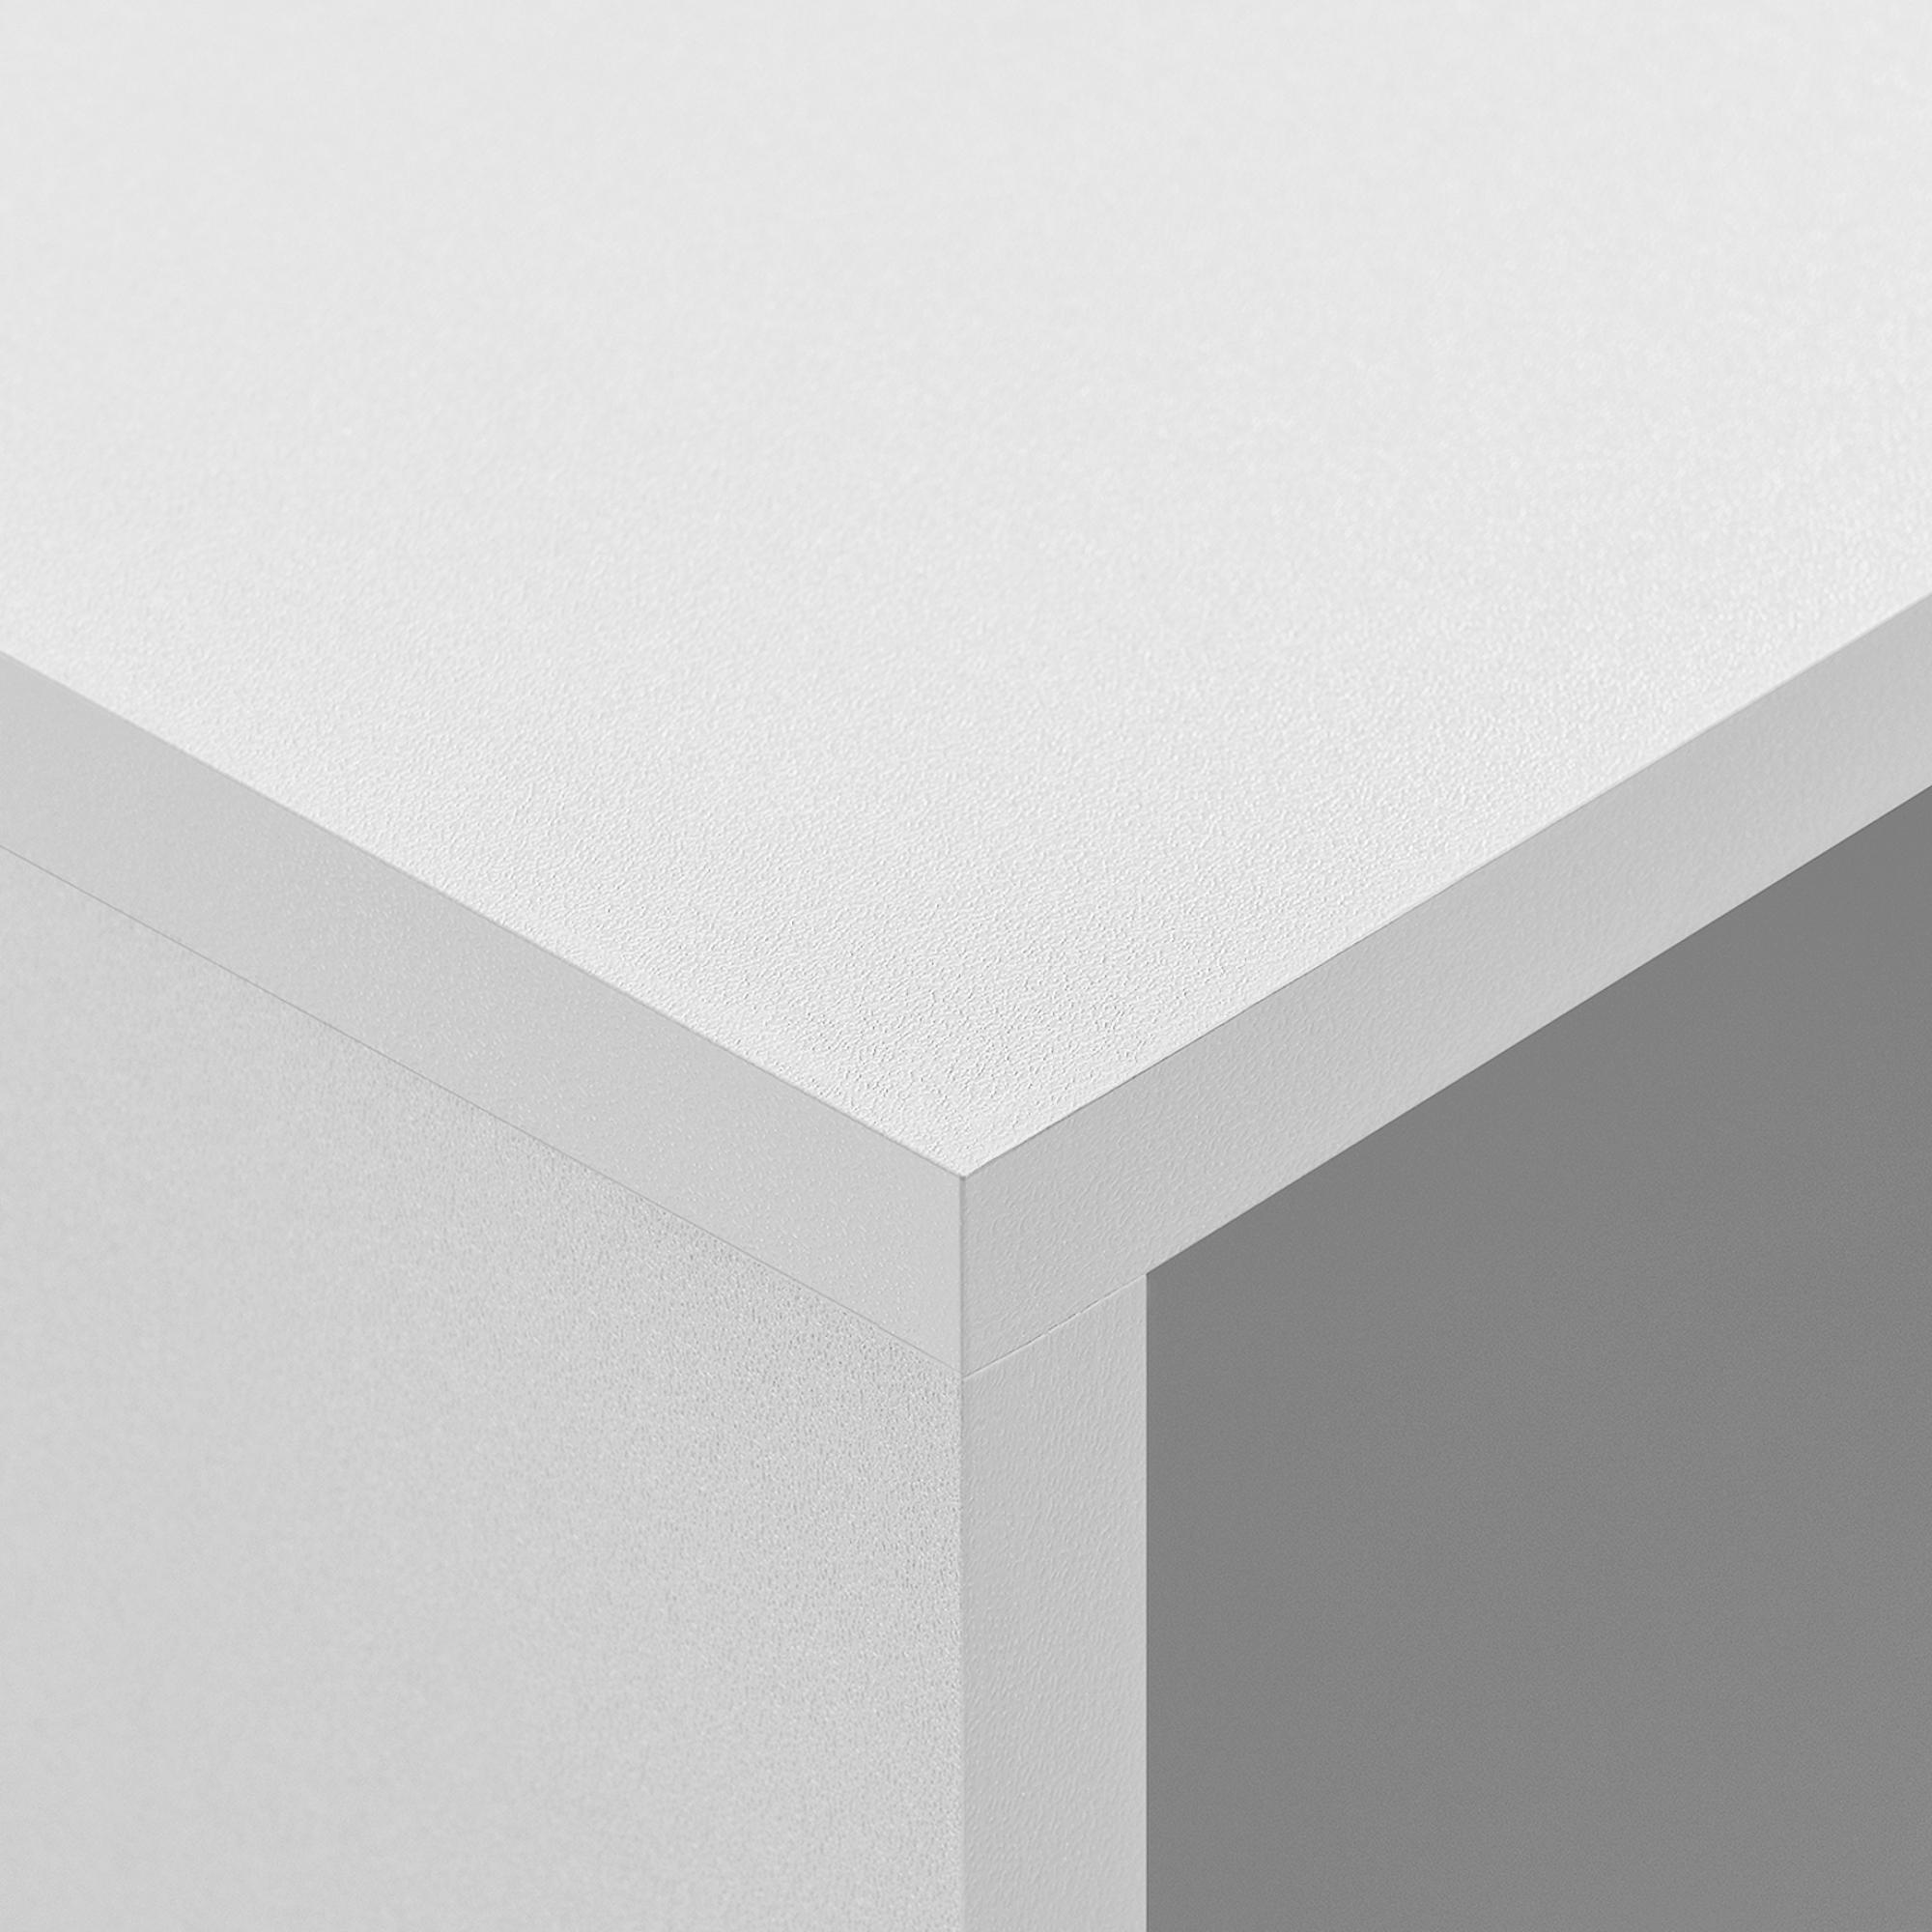 beistelltisch mit hairpin legs nachttisch wandkonsole regal wei ebay. Black Bedroom Furniture Sets. Home Design Ideas